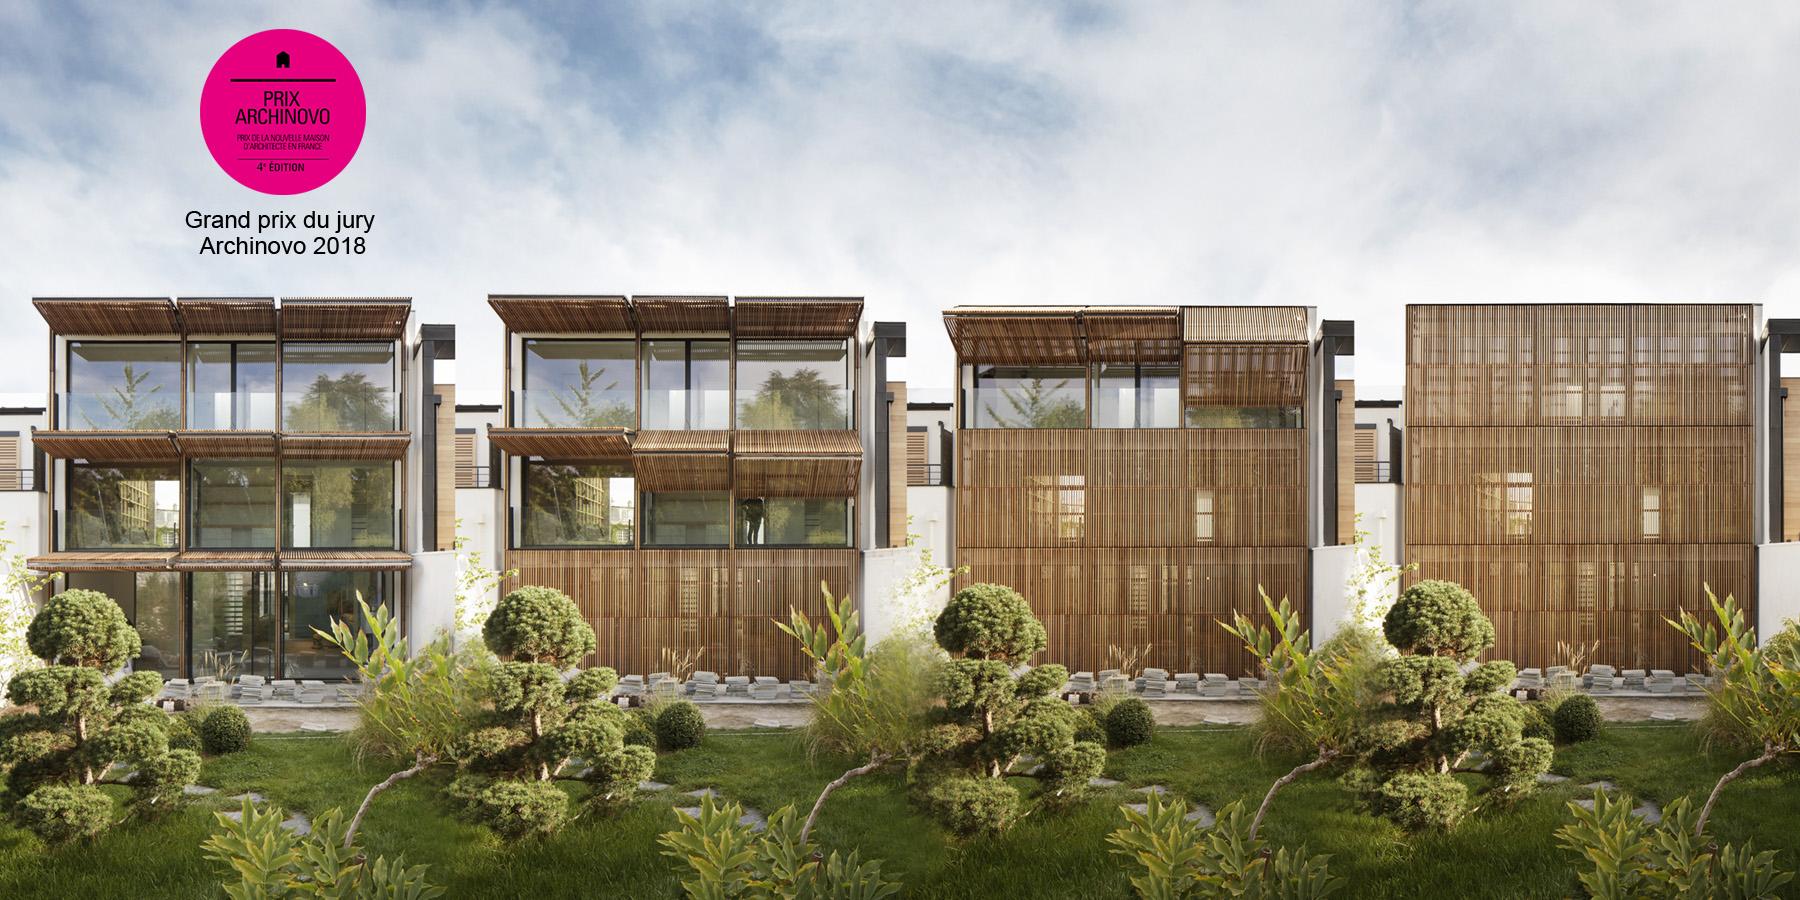 Maison M Dda Architectes